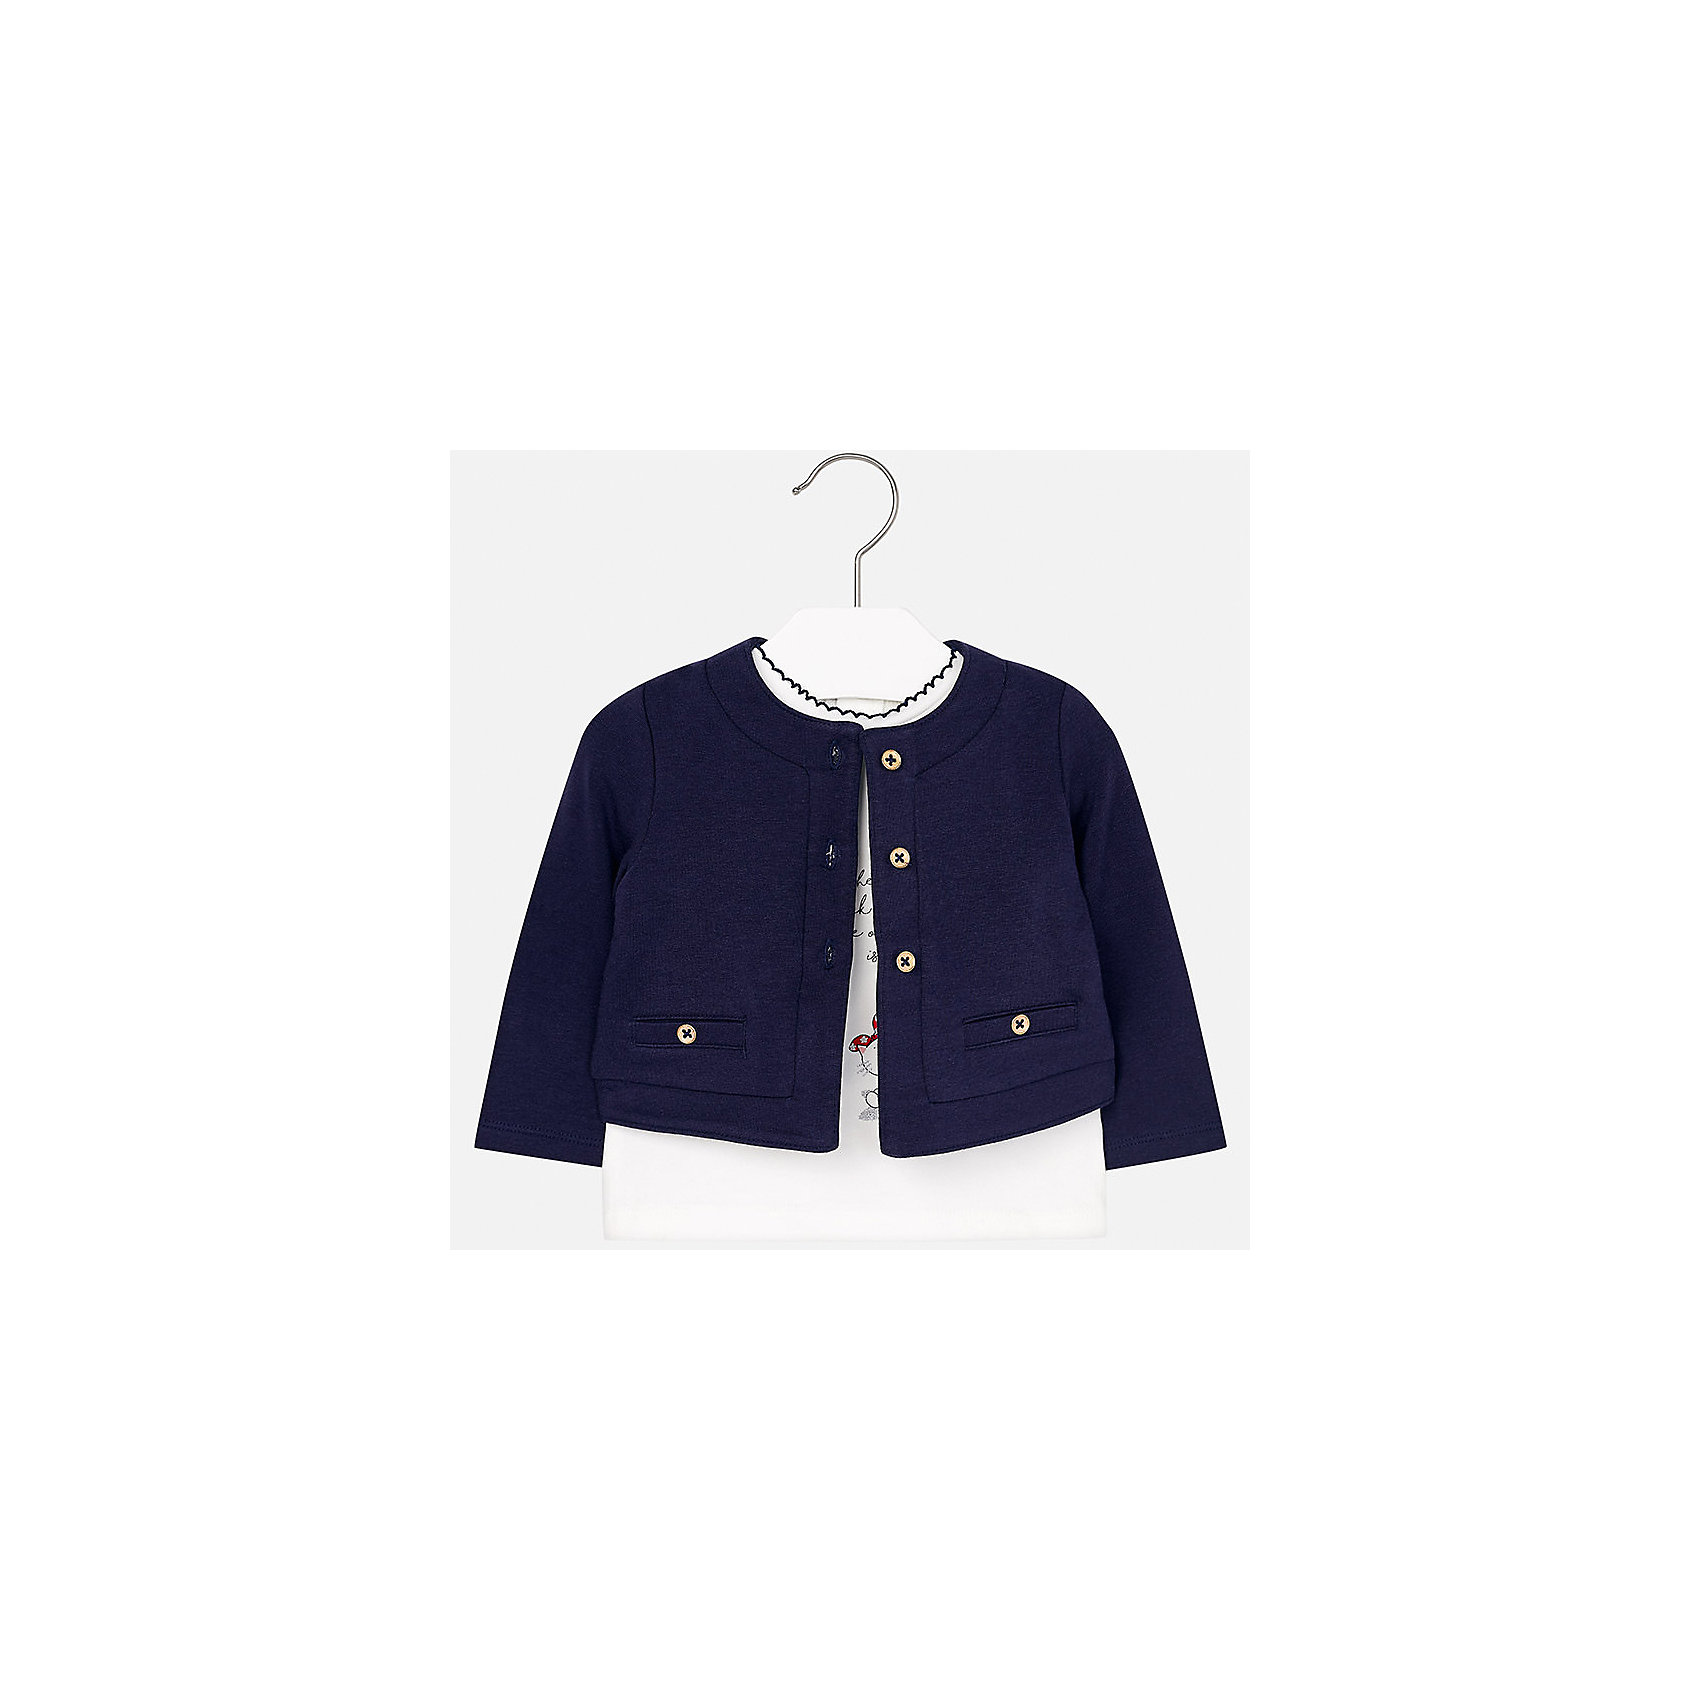 Комплект: блузка и кардиган Mayoral для девочкиКомплекты<br>Характеристики товара:<br><br>• цвет: синий<br>• состав ткани: 95% хлопок, 5% эластан<br>• комплект: блузка и кардиган<br>• сезон: демисезон<br>• особенности: принт с блестками<br>• застежка: пуговицы, кнопки<br>• длинные рукава<br>• страна бренда: Испания<br>• страна изготовитель: Индия<br><br>Детский комплект из блузки и кардигана для девочки сделан из легкого приятного на ощупь материала. Благодаря продуманному крою детской блузки создаются комфортные условия для тела. Кардиган для девочки отличается классическим дизайном.<br><br>Комплект: блузка и кардиган для девочки Mayoral (Майорал) можно купить в нашем интернет-магазине.<br><br>Ширина мм: 190<br>Глубина мм: 74<br>Высота мм: 229<br>Вес г: 236<br>Цвет: синий<br>Возраст от месяцев: 12<br>Возраст до месяцев: 15<br>Пол: Женский<br>Возраст: Детский<br>Размер: 80,98,92,86,74<br>SKU: 6920300